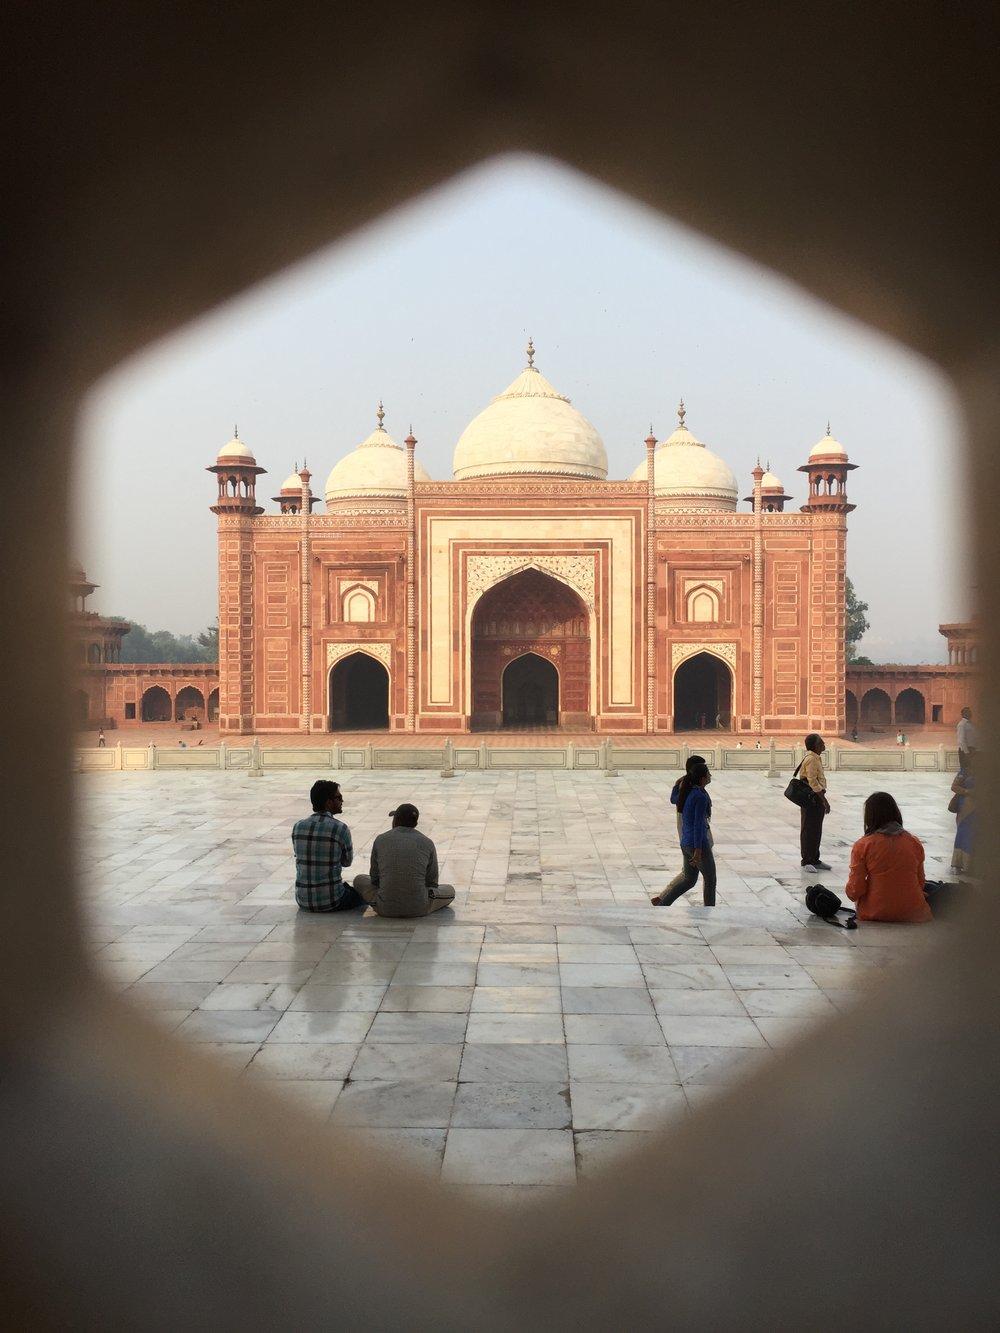 Inside Taj Mahal complex